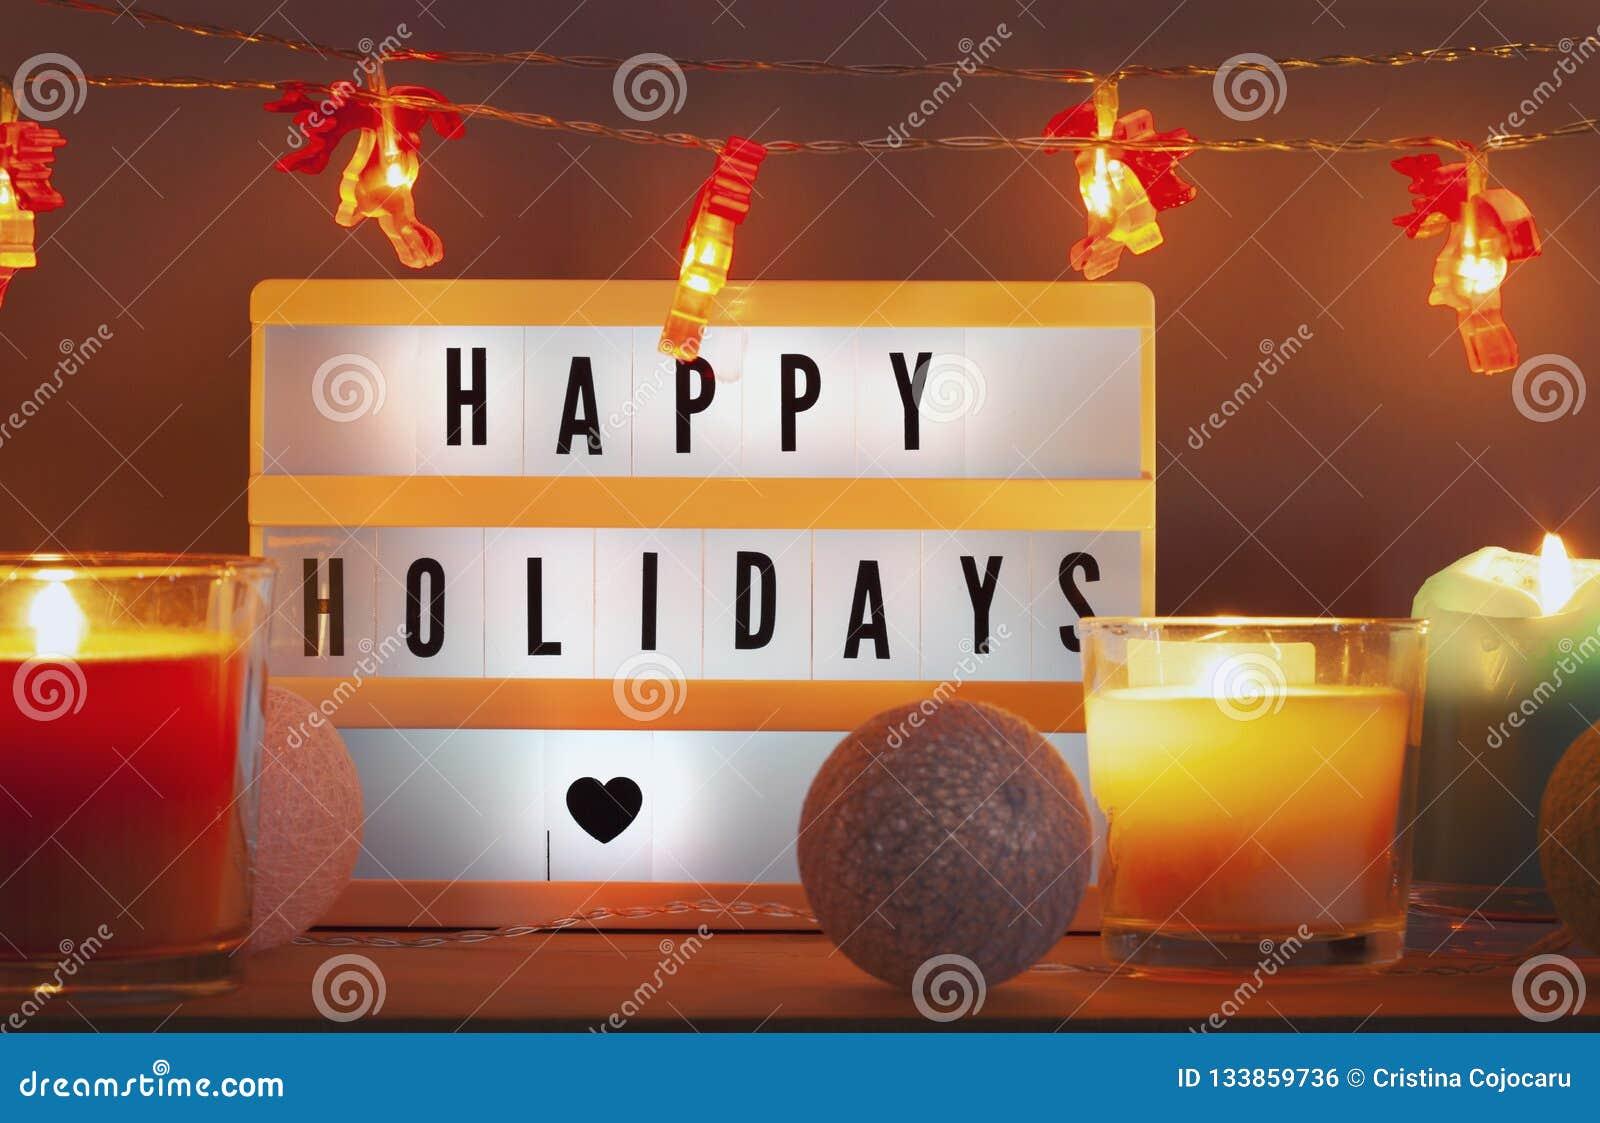 Frohe Feiertage lightbox und Weihnachtsdekorationen mit Kerzen